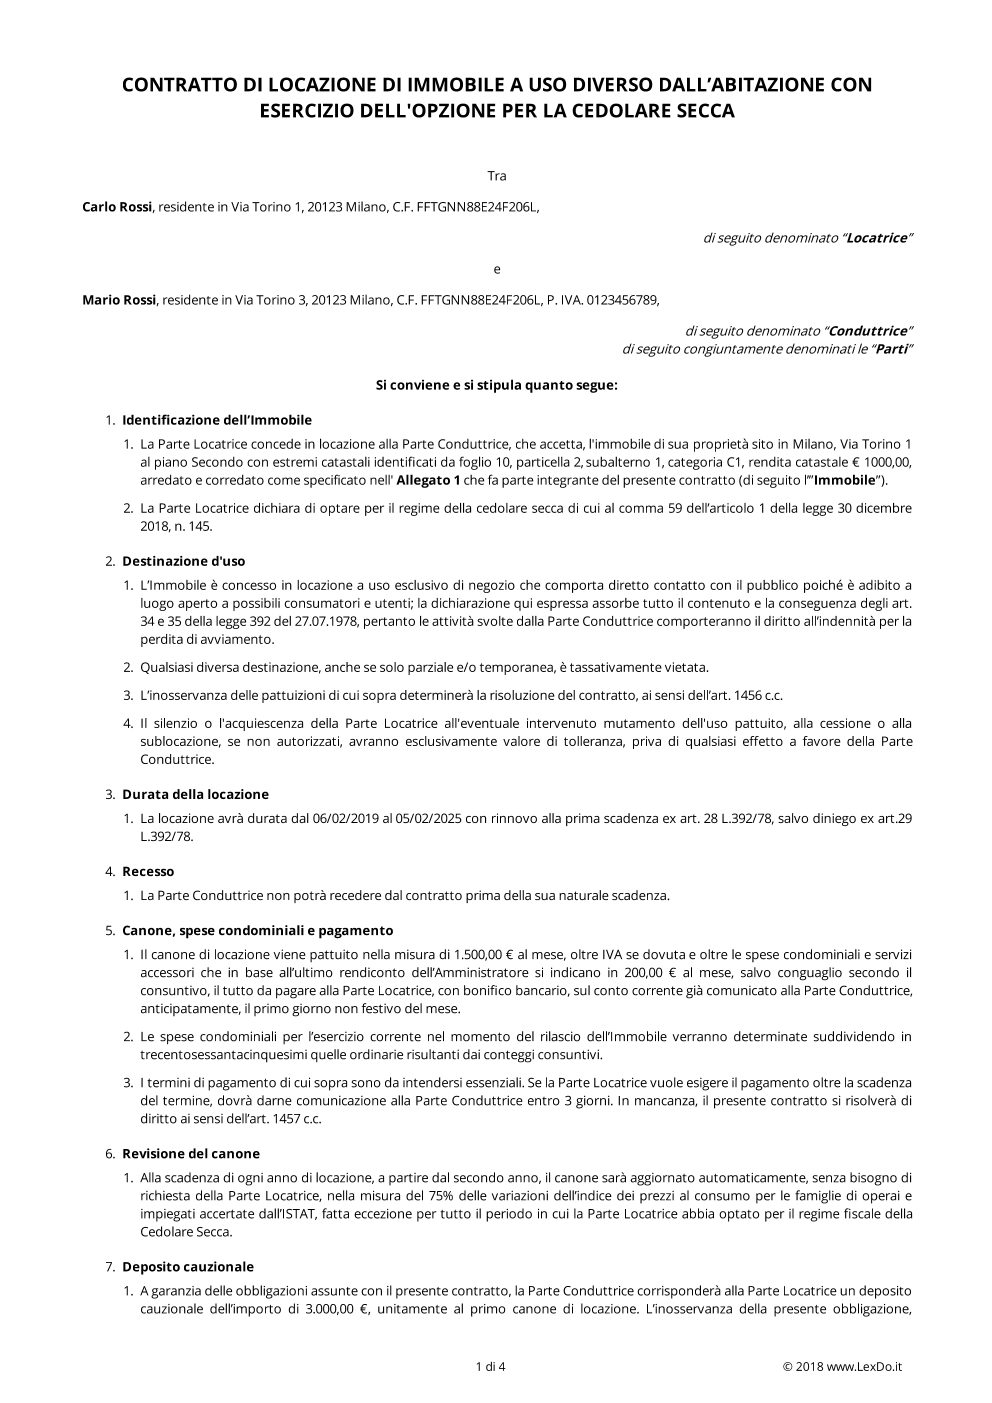 Contratto Di Locazione Commerciale Con Cedolare Secca